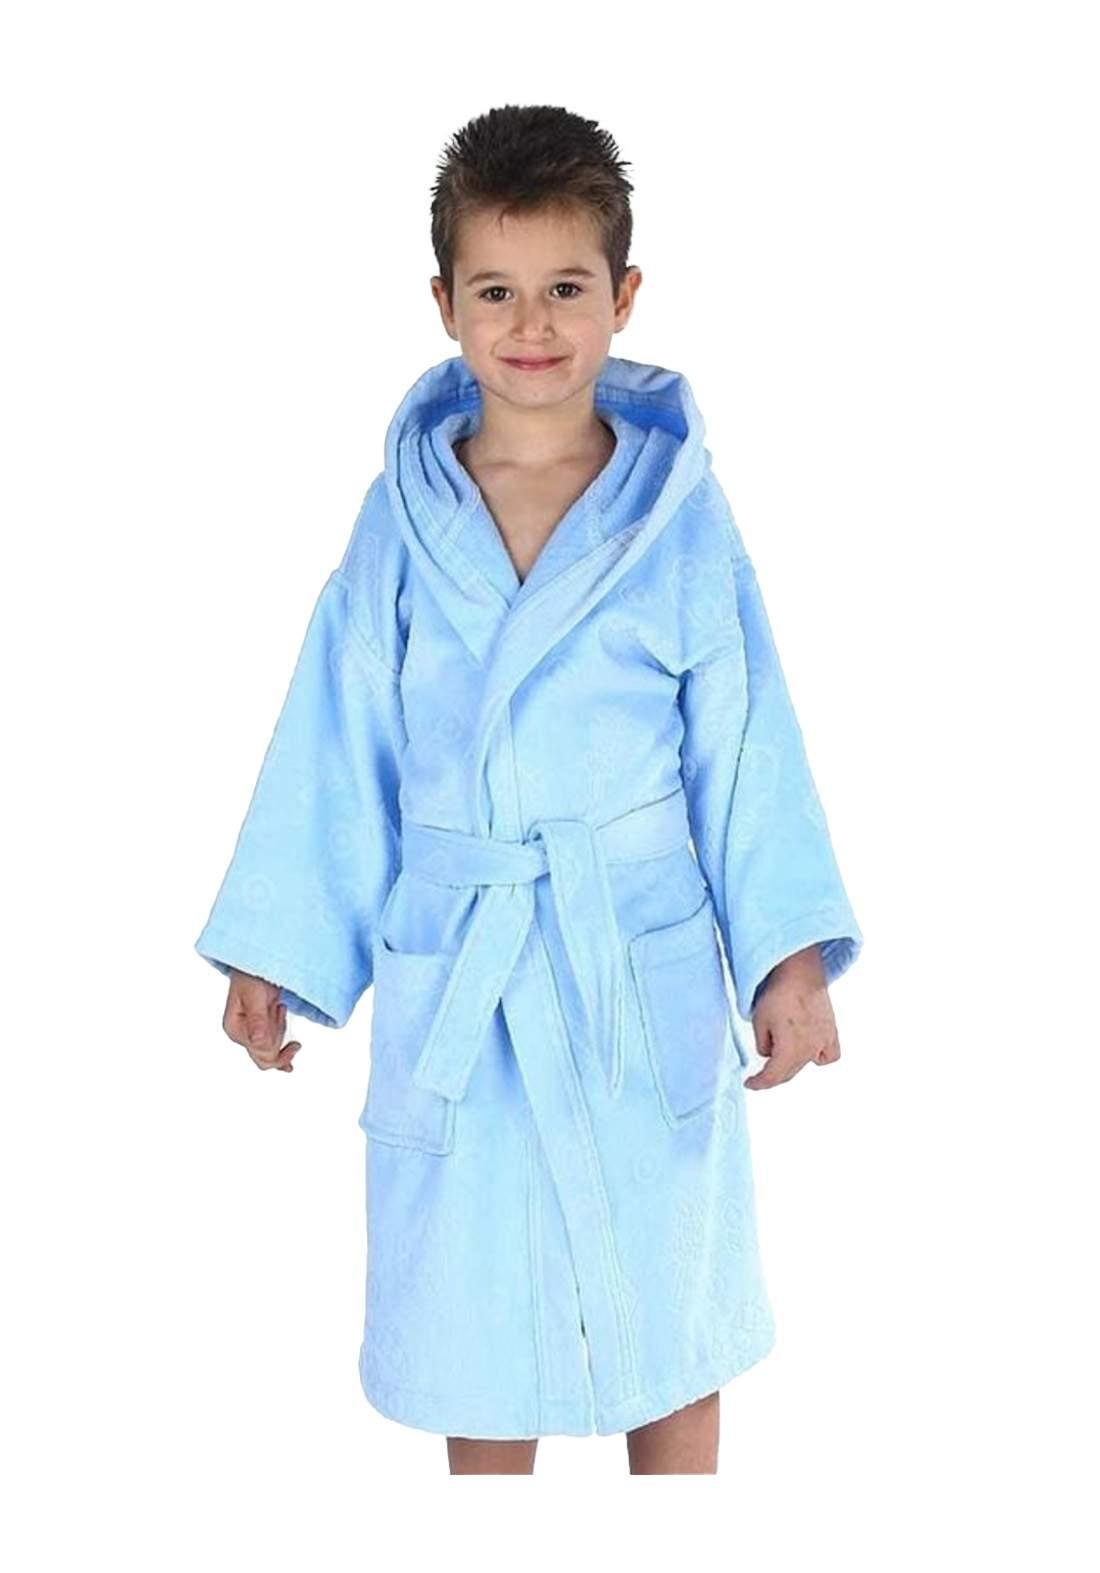 روب استحمام للاطفال ولادي سمائي اللون من ozdlik